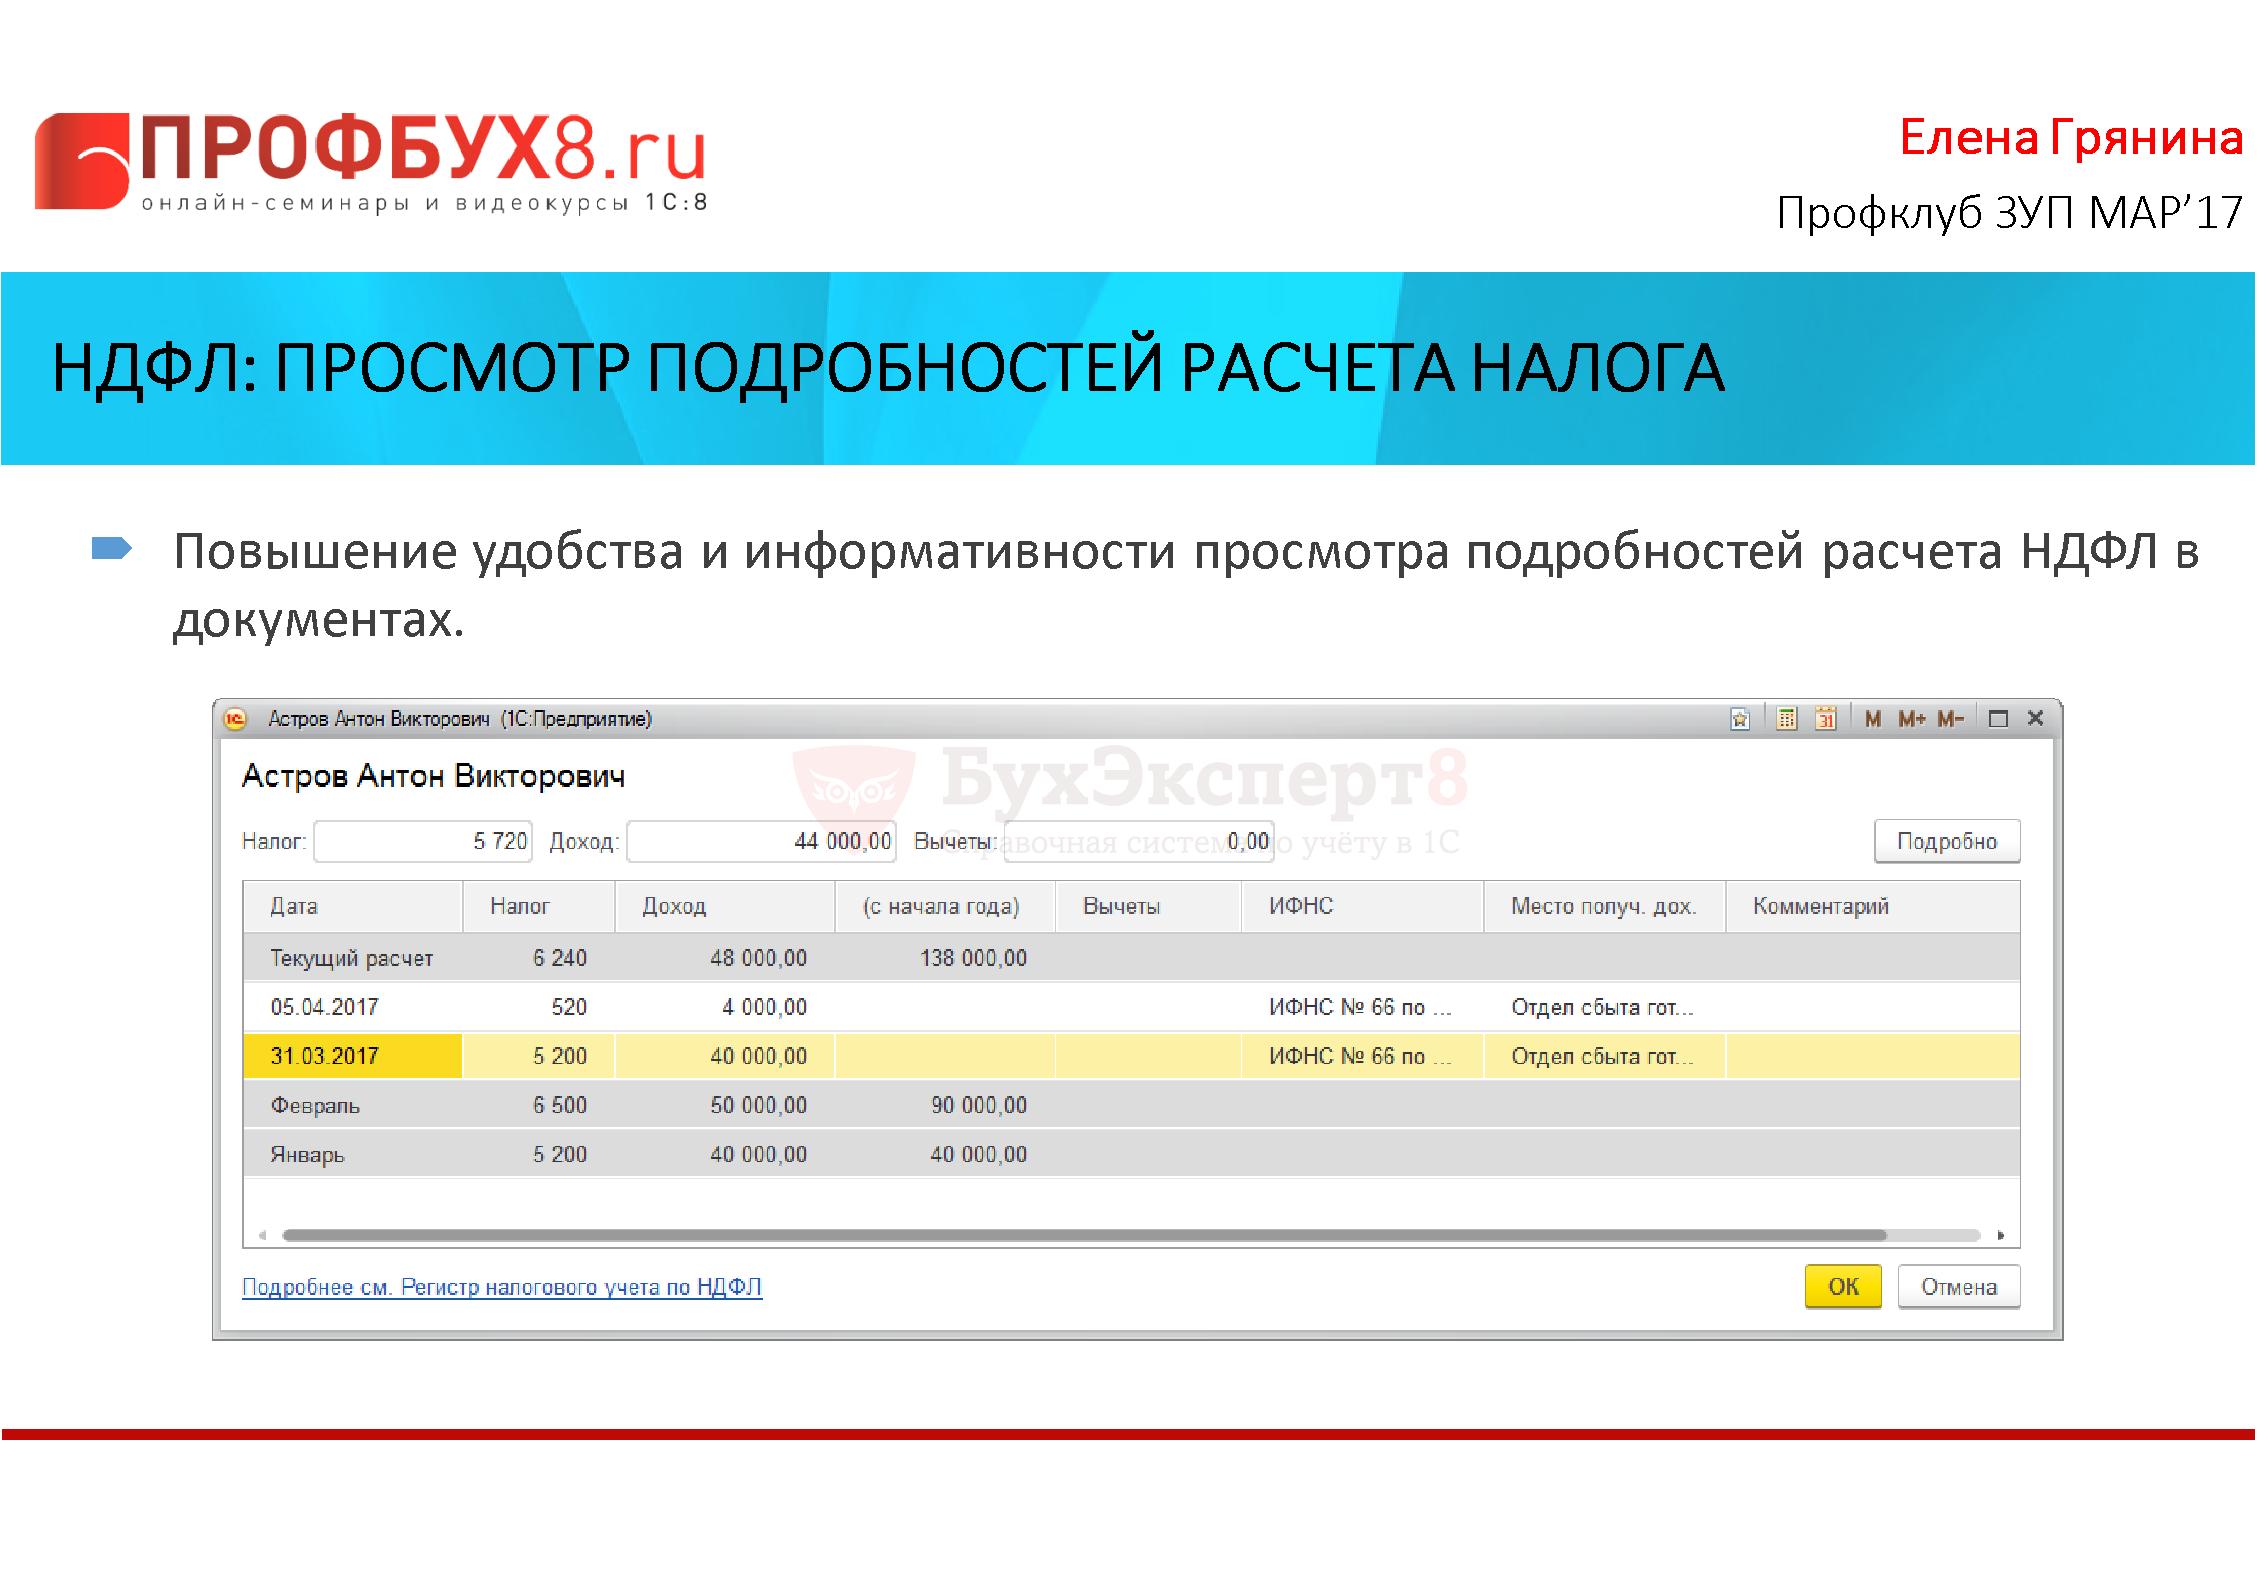 НДФЛ: просмотр подробностей расчета налога Повышение удобства и информативности просмотра подробностей расчета НДФЛ в документах